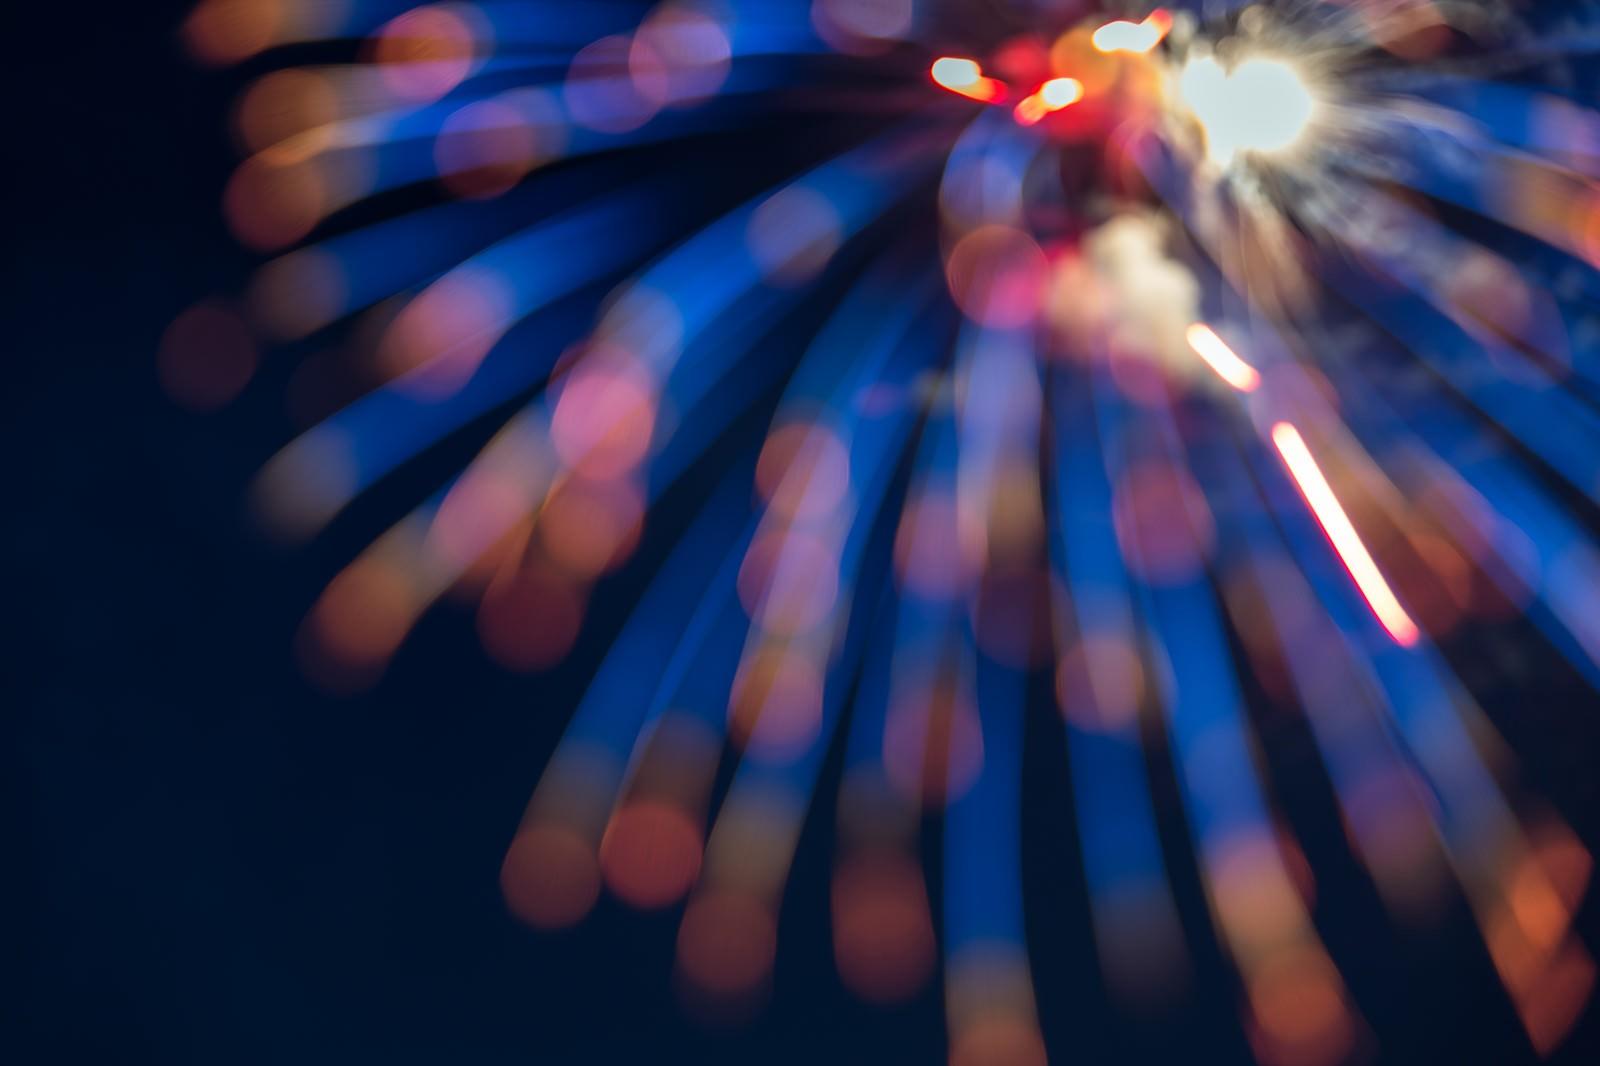 「孔雀の羽のように広がる花火」の写真